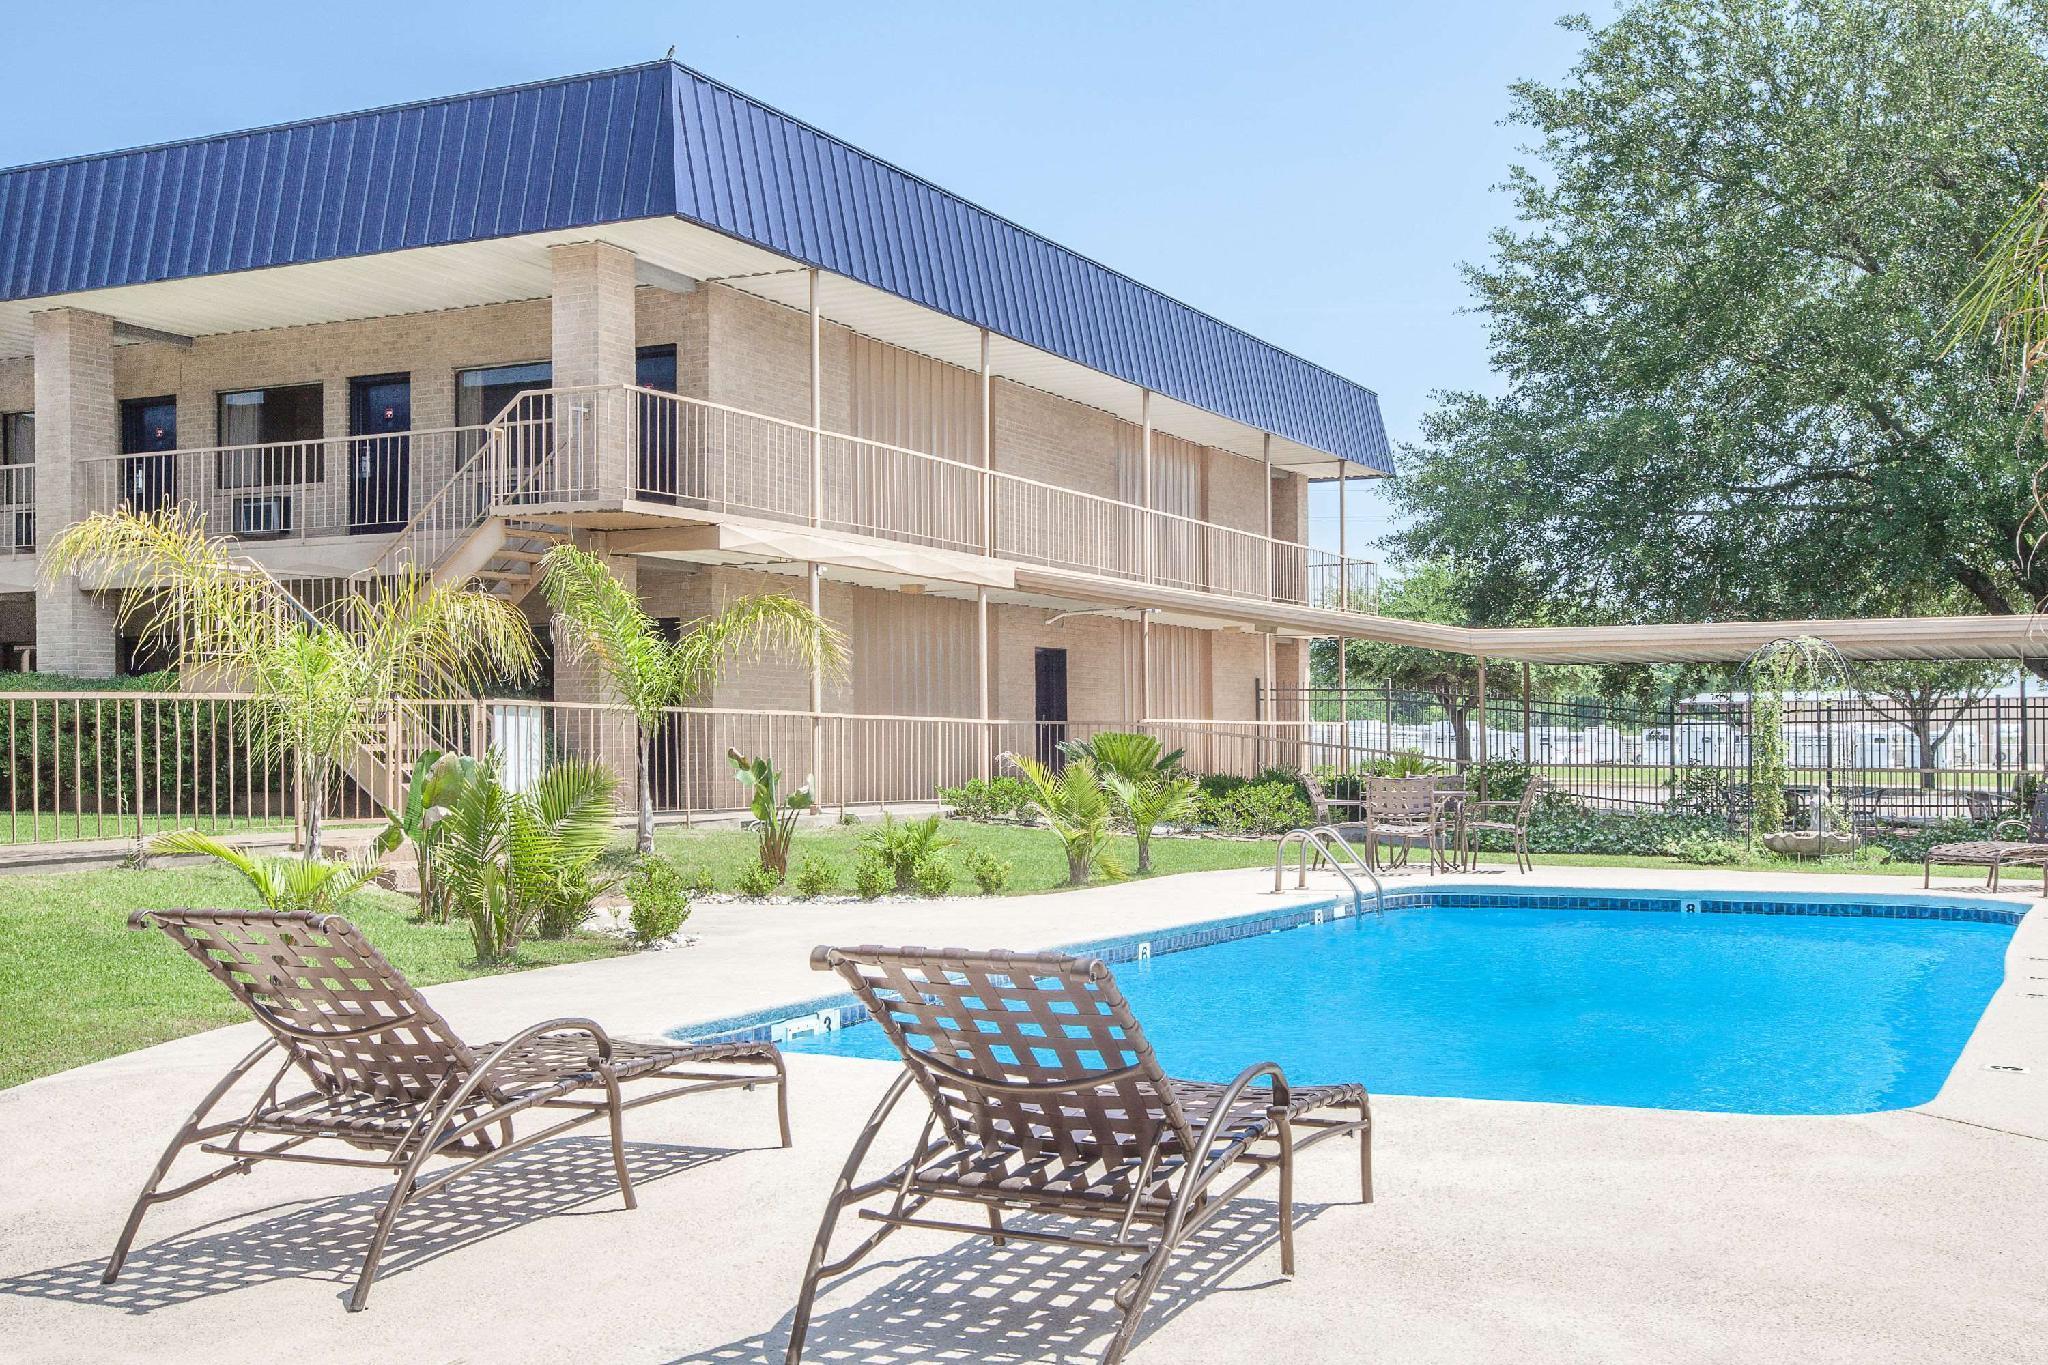 Knights Inn - Crockett, TX, Houston